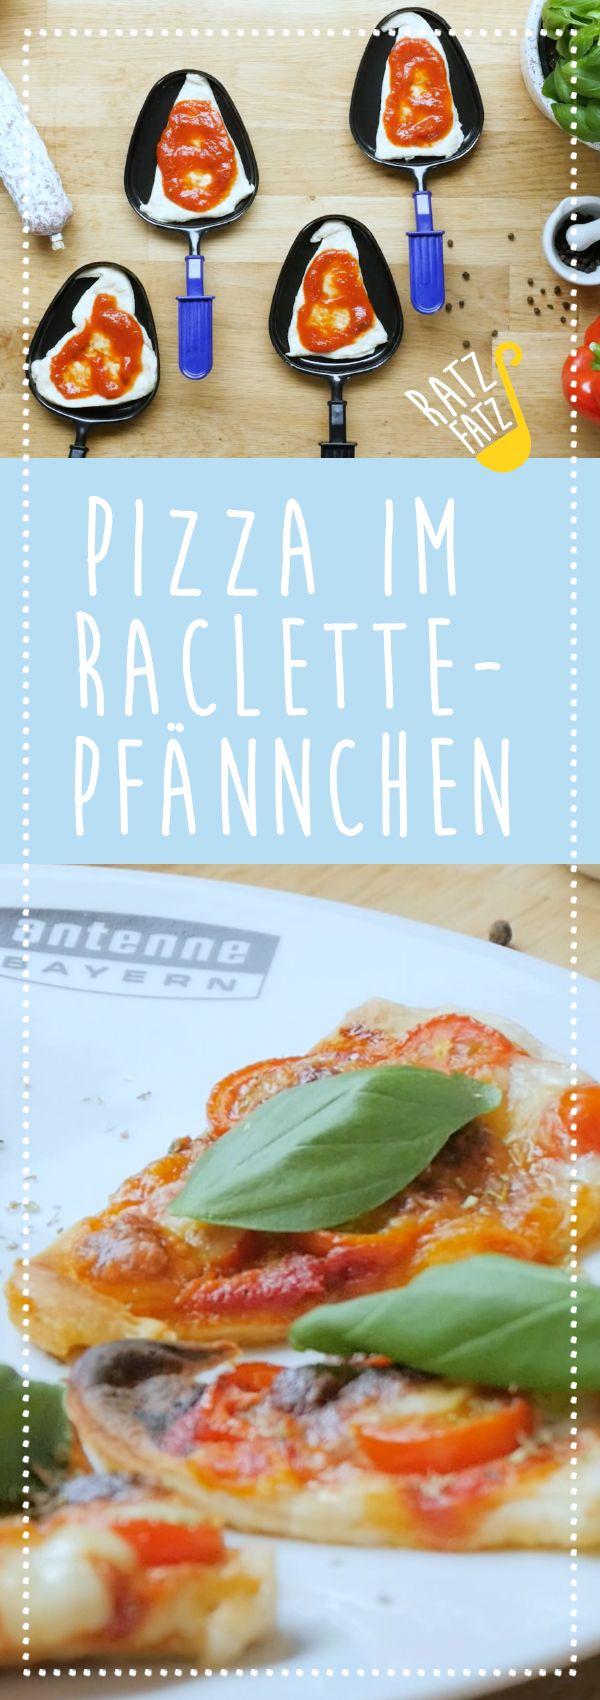 Pizza im Raclette-Pfännchen